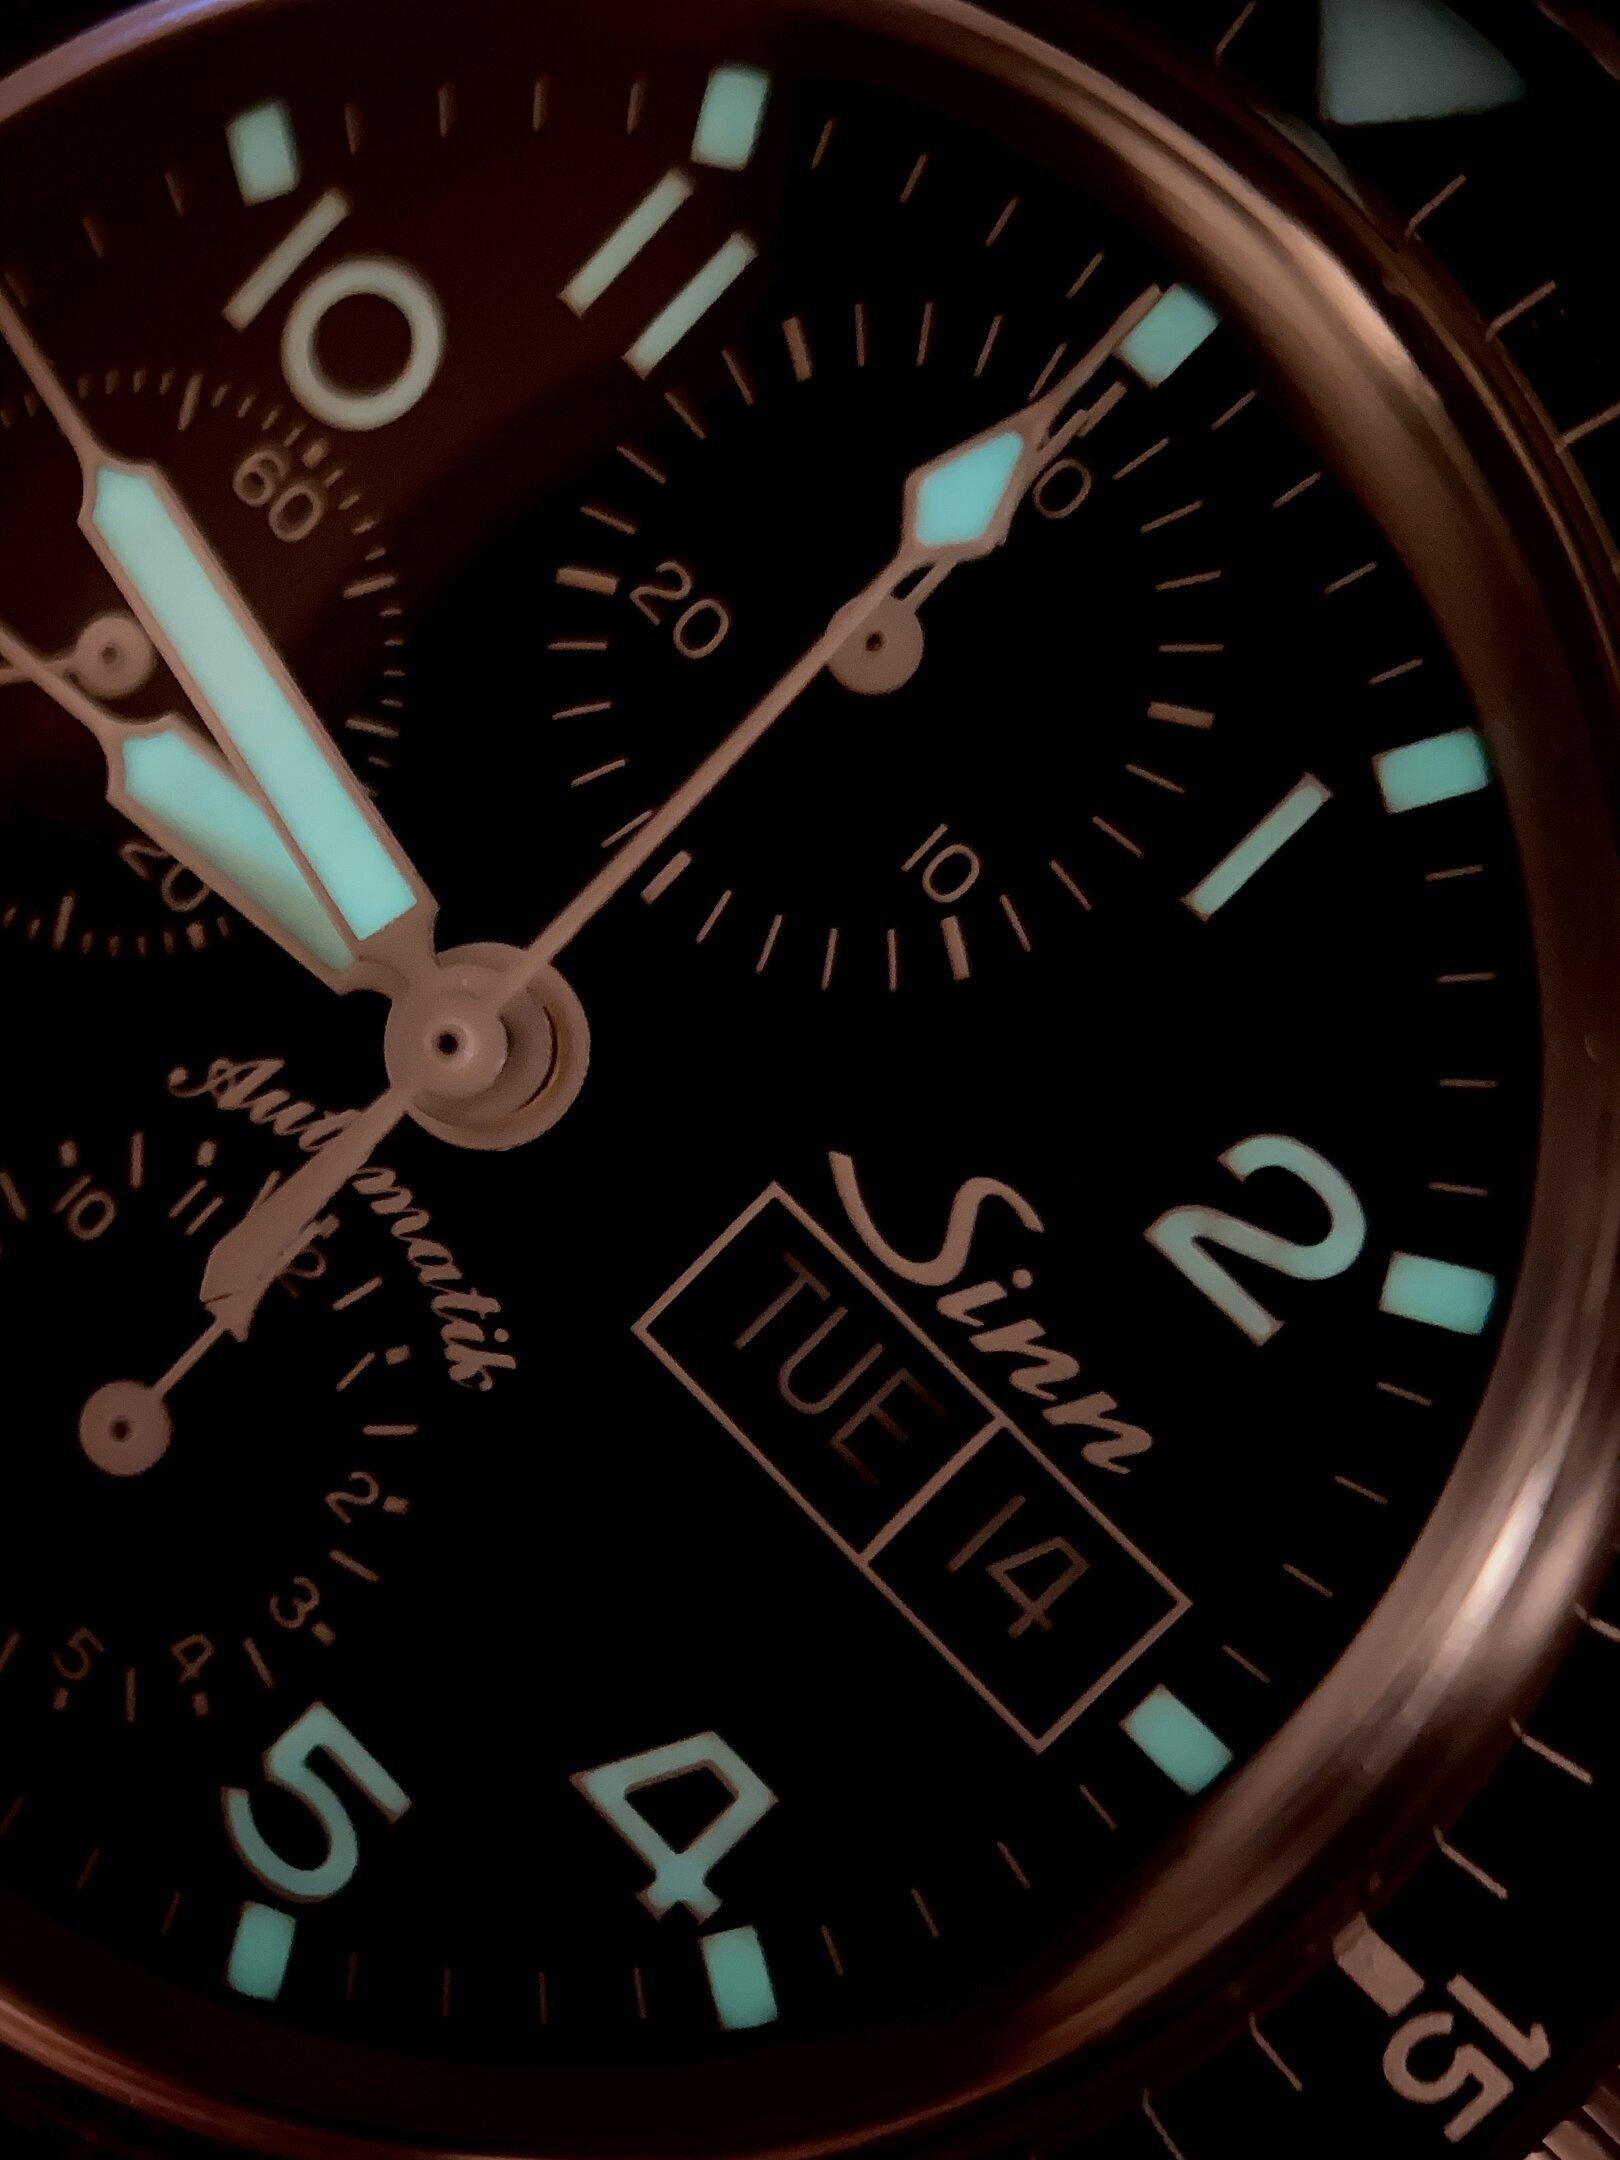 4F3BB7EA-12D2-4993-B63B-AAEC776035EC.